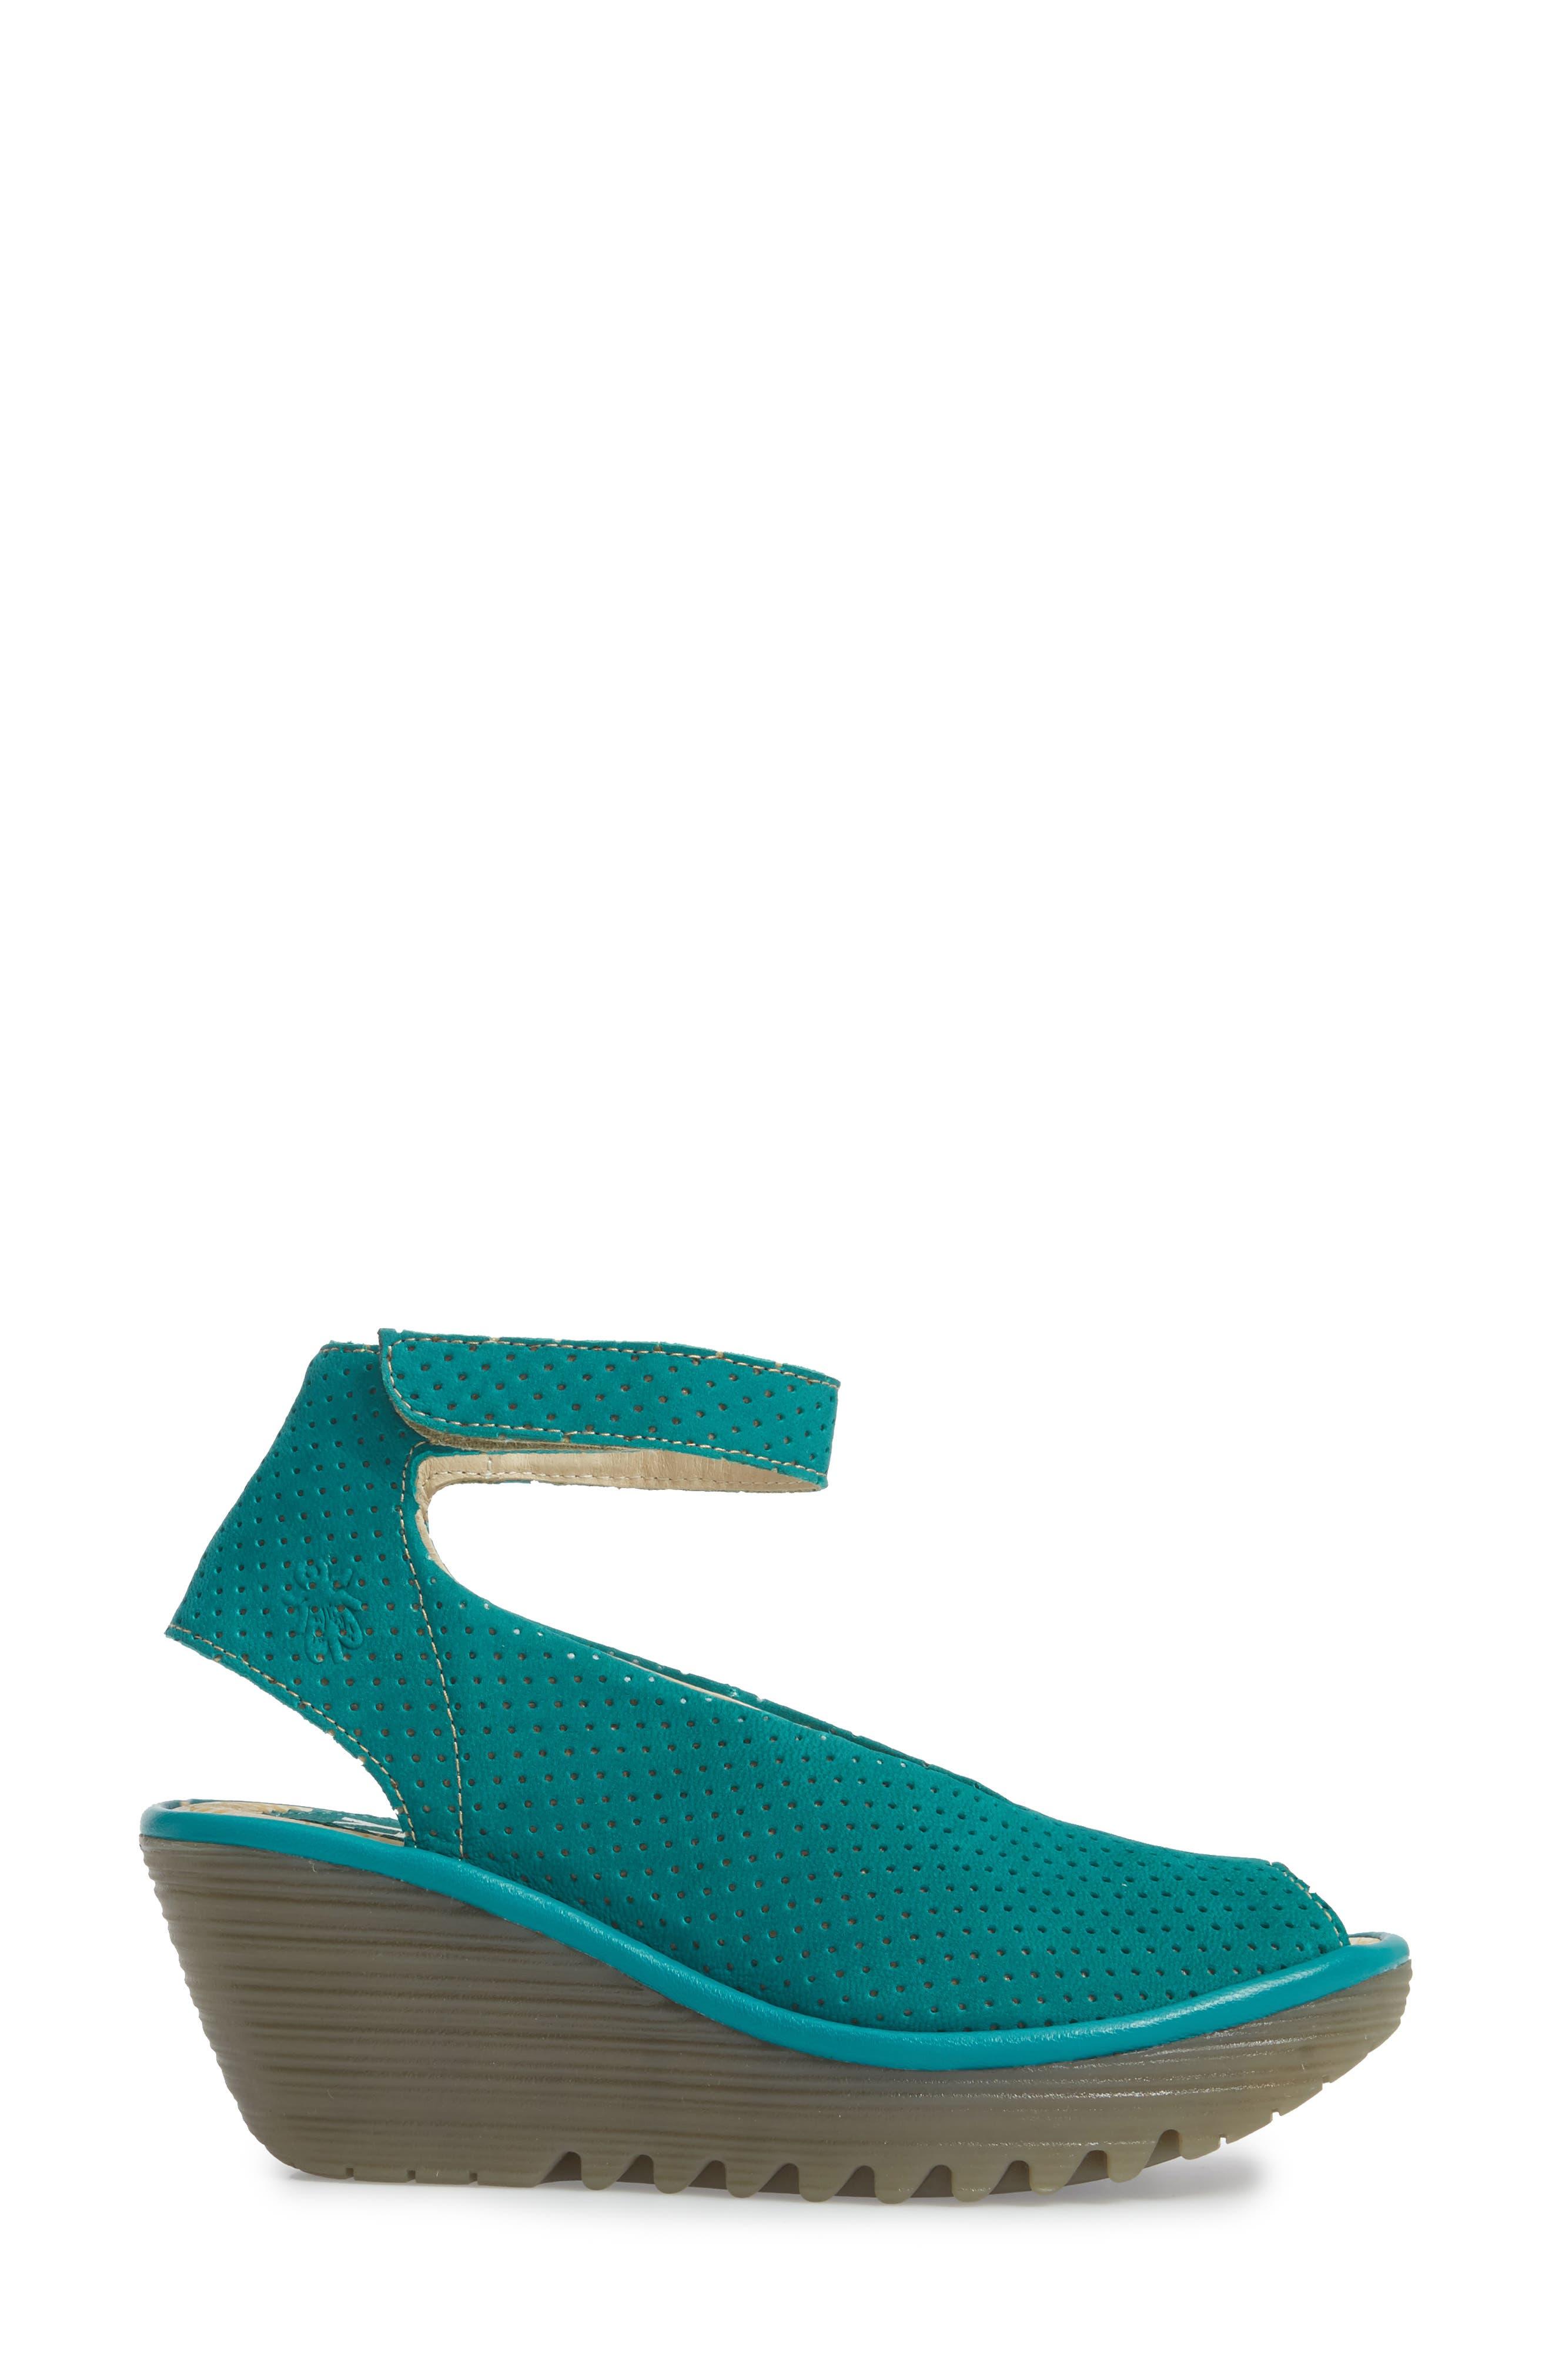 Alternate Image 3  - Fly London 'Yala' Perforated Leather Sandal